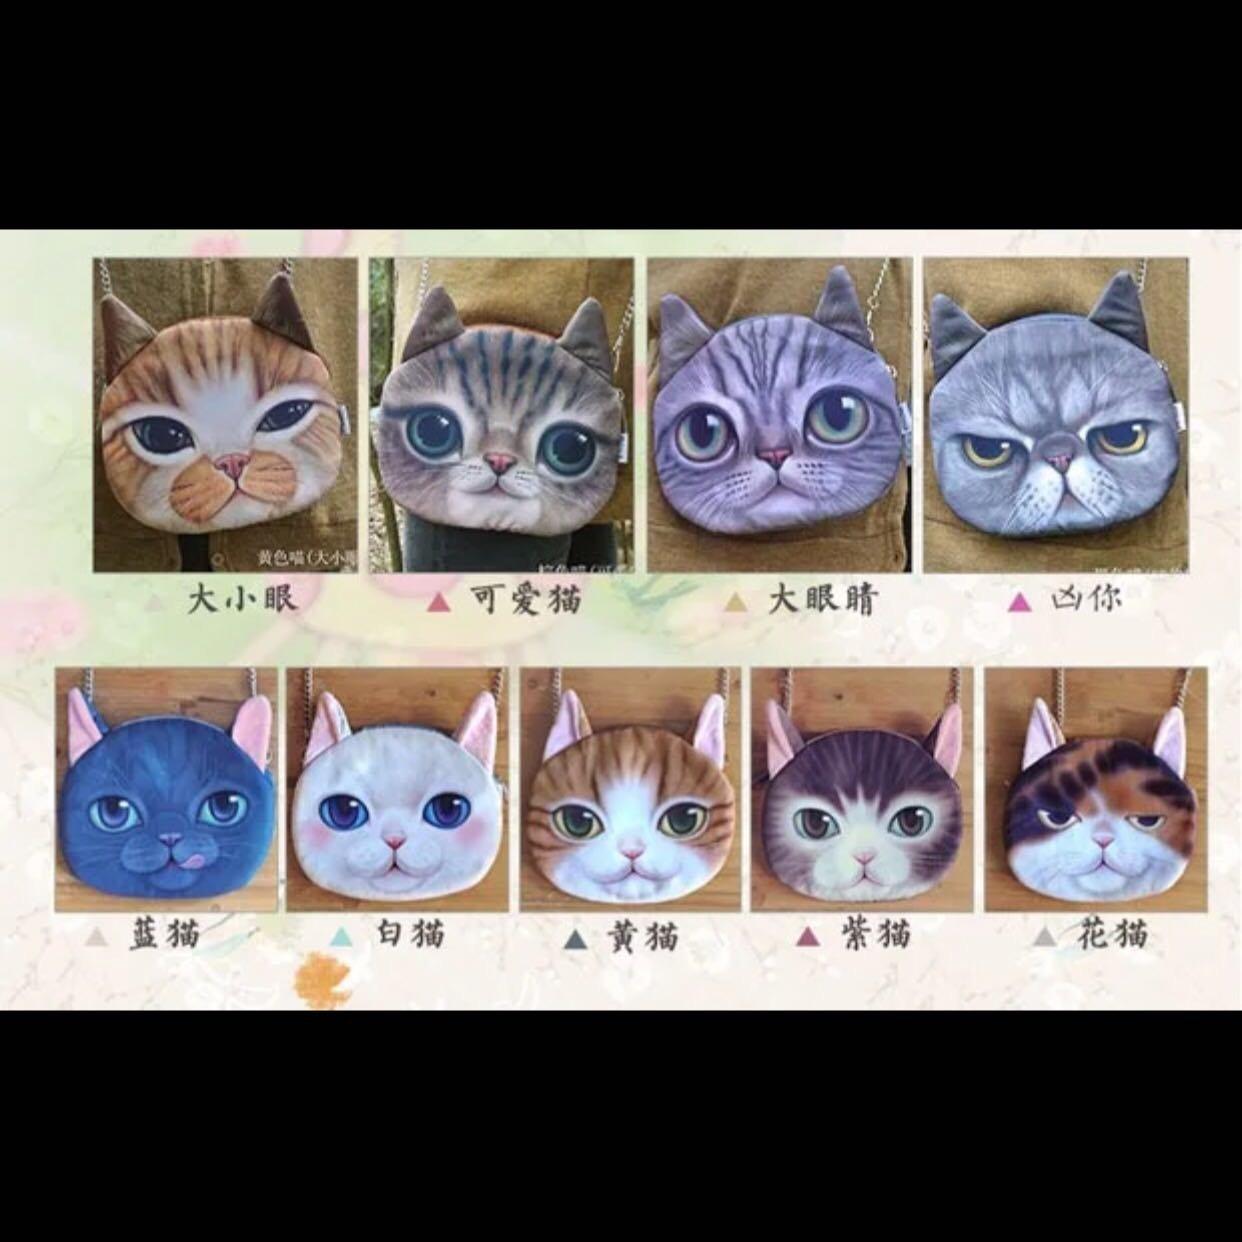 (現貨)《喵星人》韓版可愛大頭貓咪斜肩、單肩鏈條側肩包,皮夾,卡夾,可放悠遊卡、太陽眼鏡、零錢包,雙面印花!熱銷!